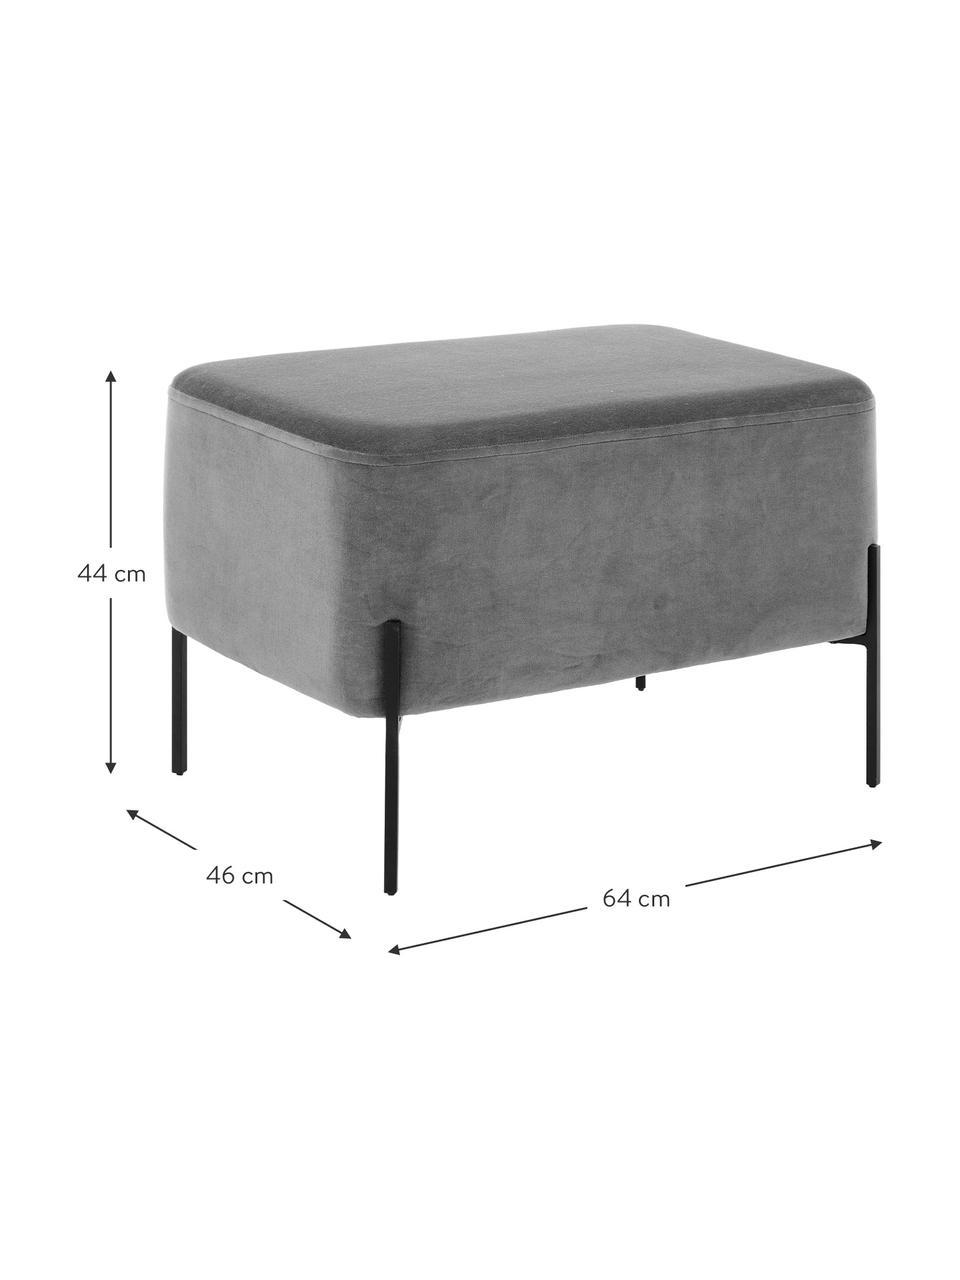 Breiter Samt-Hocker Harper, Bezug: Baumwollsamt, Fuß: Metall, pulverbeschichtet, Samt Grau, Schwarz, 64 x 44 cm